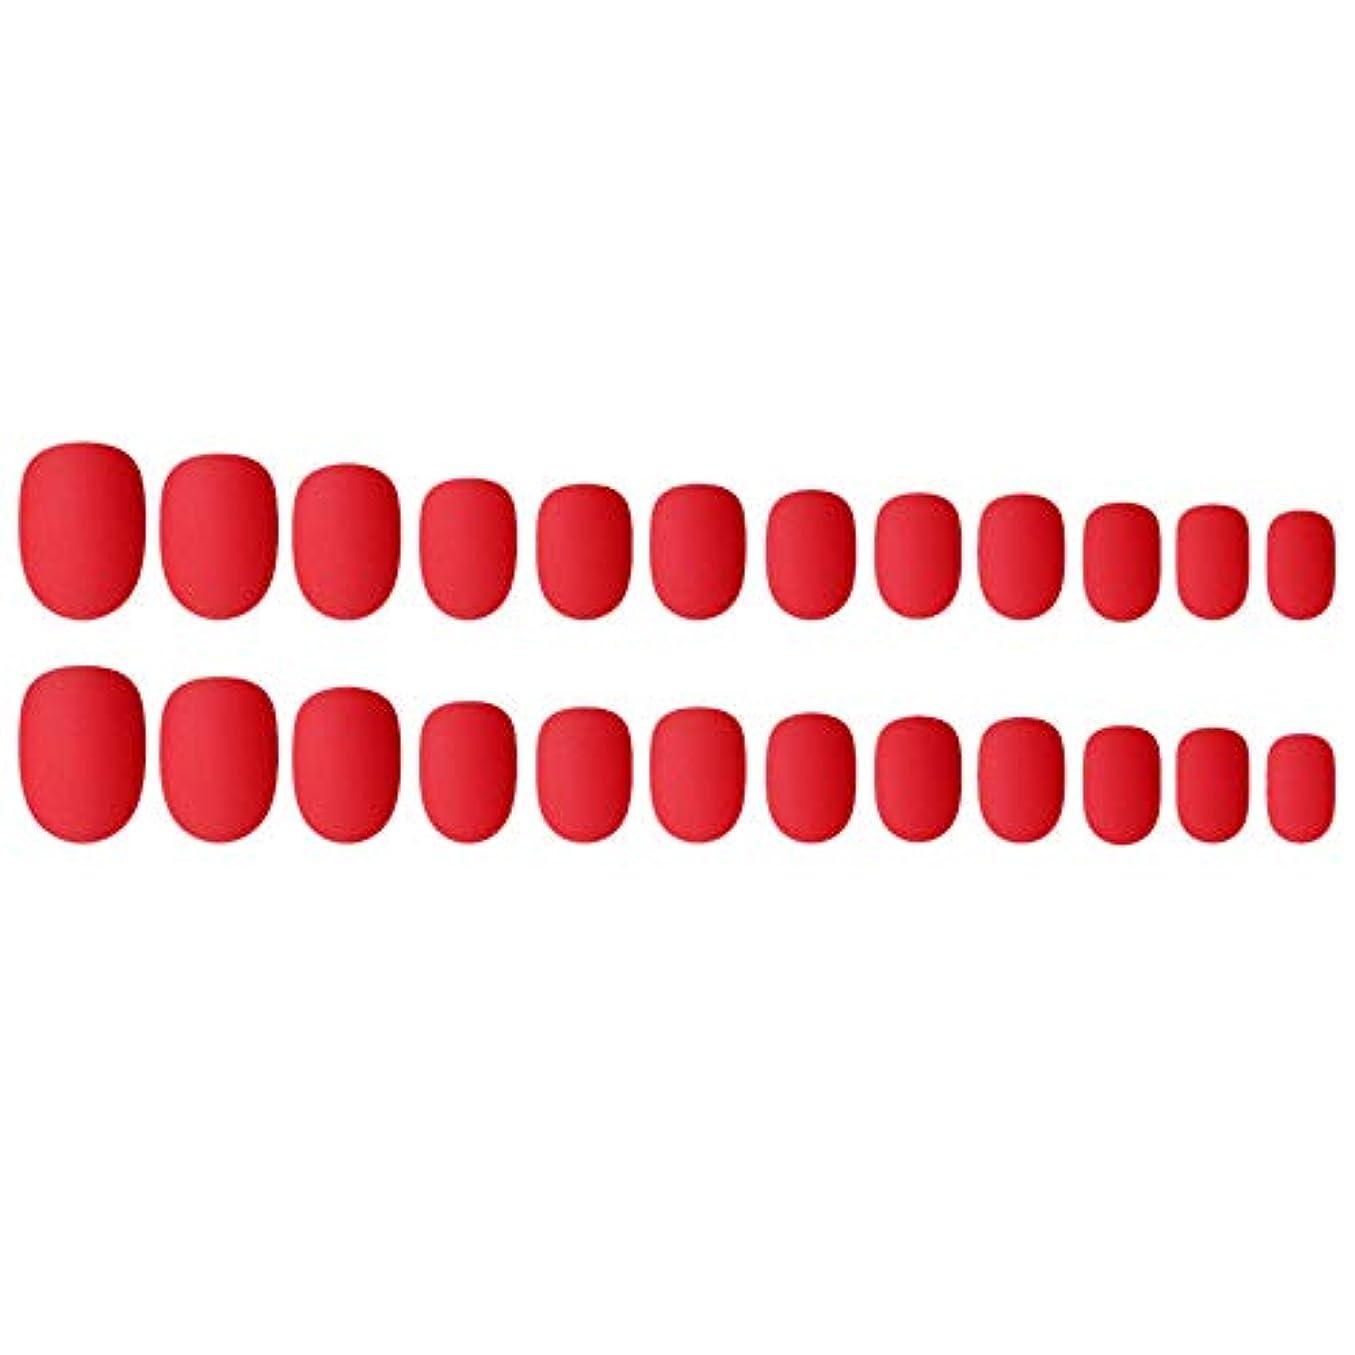 退却冷凍庫仲人Decdeal ネイルチップ 24ピース 偽ネイルのヒント 12種類のサイズ ネイルサロン diy ネイルアートツール